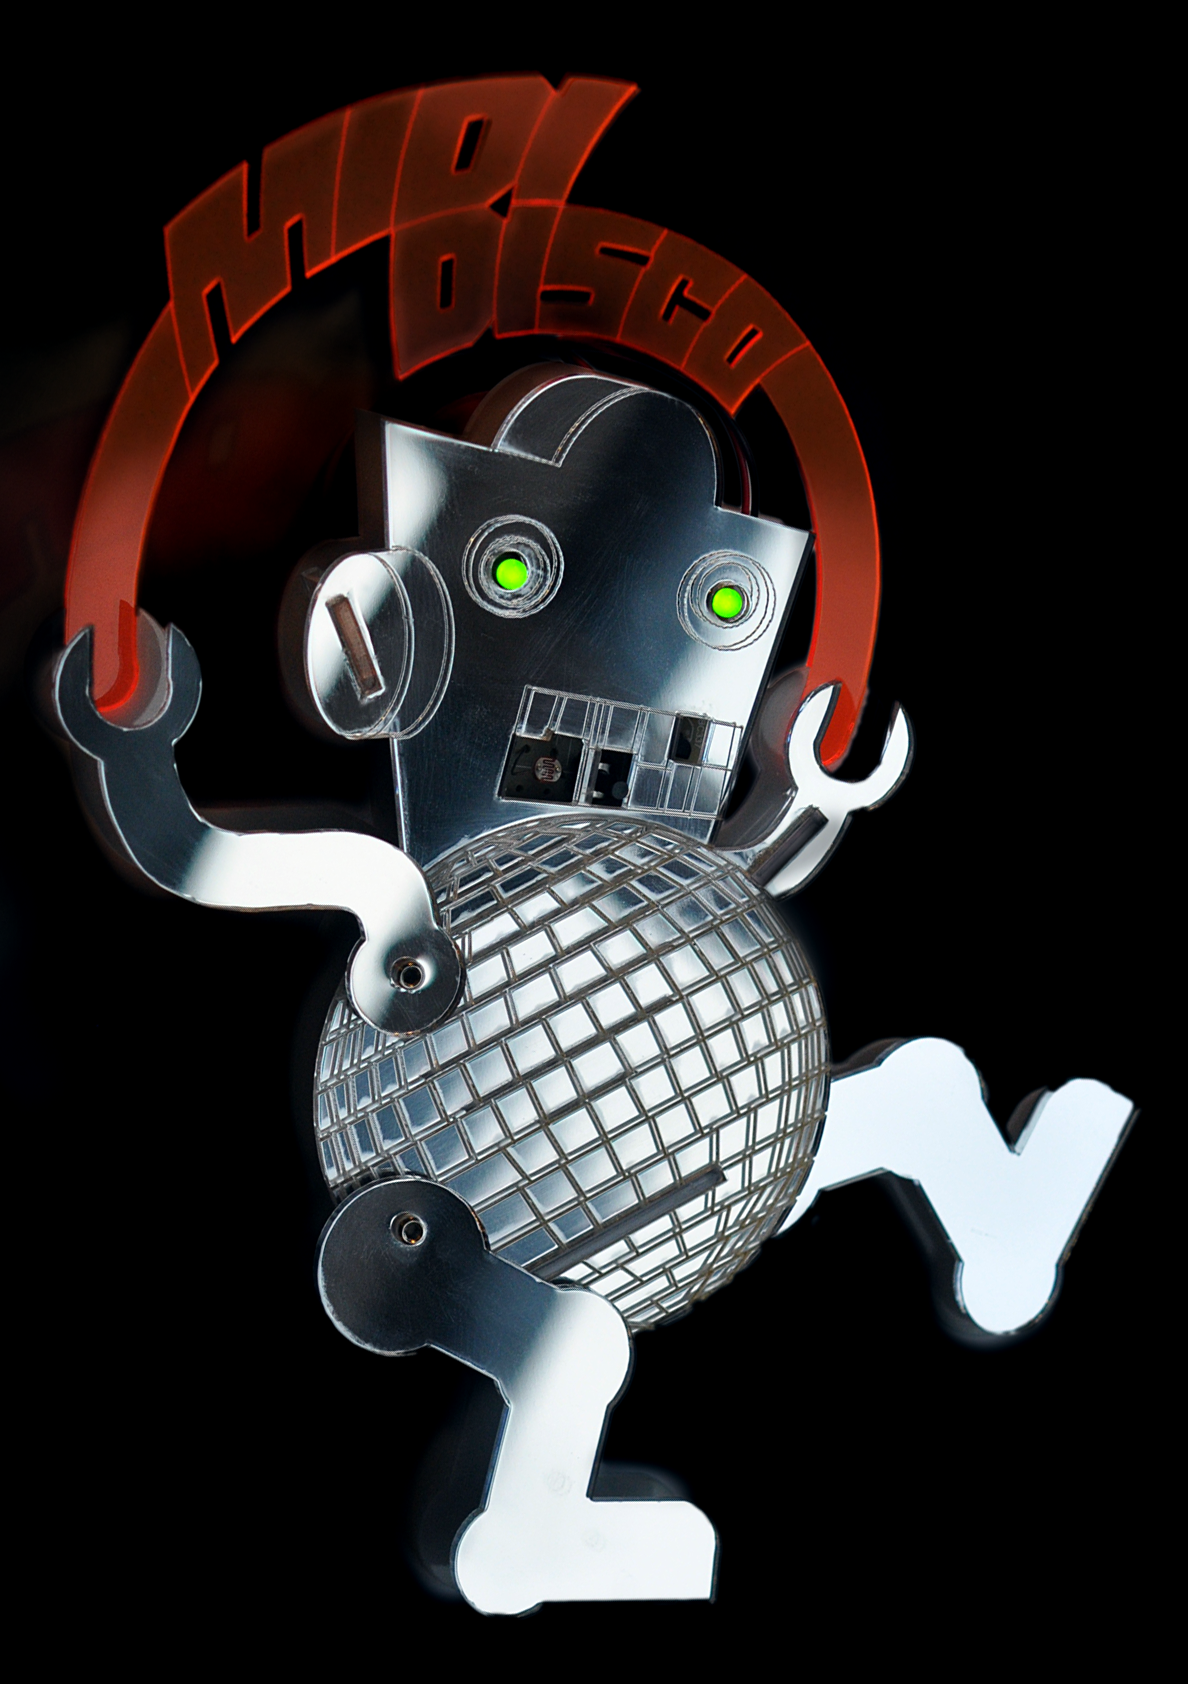 Dance! MIDI Disco Glitterball Robot. Dougie Scott